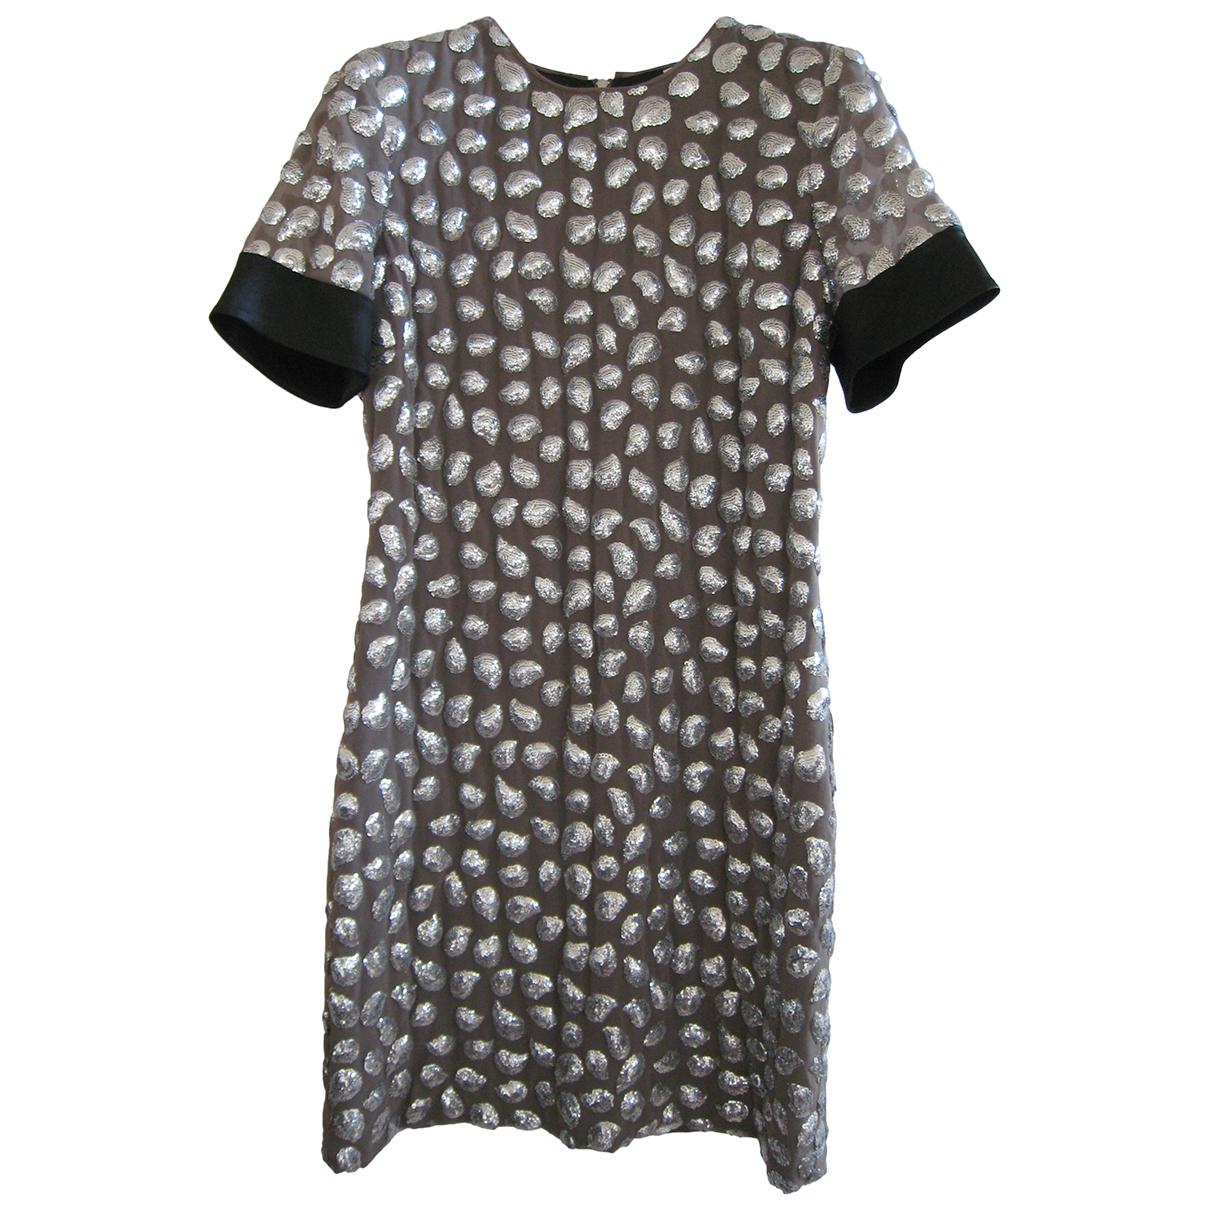 Diane Von Furstenberg \N Kleid in  Grau Polyester